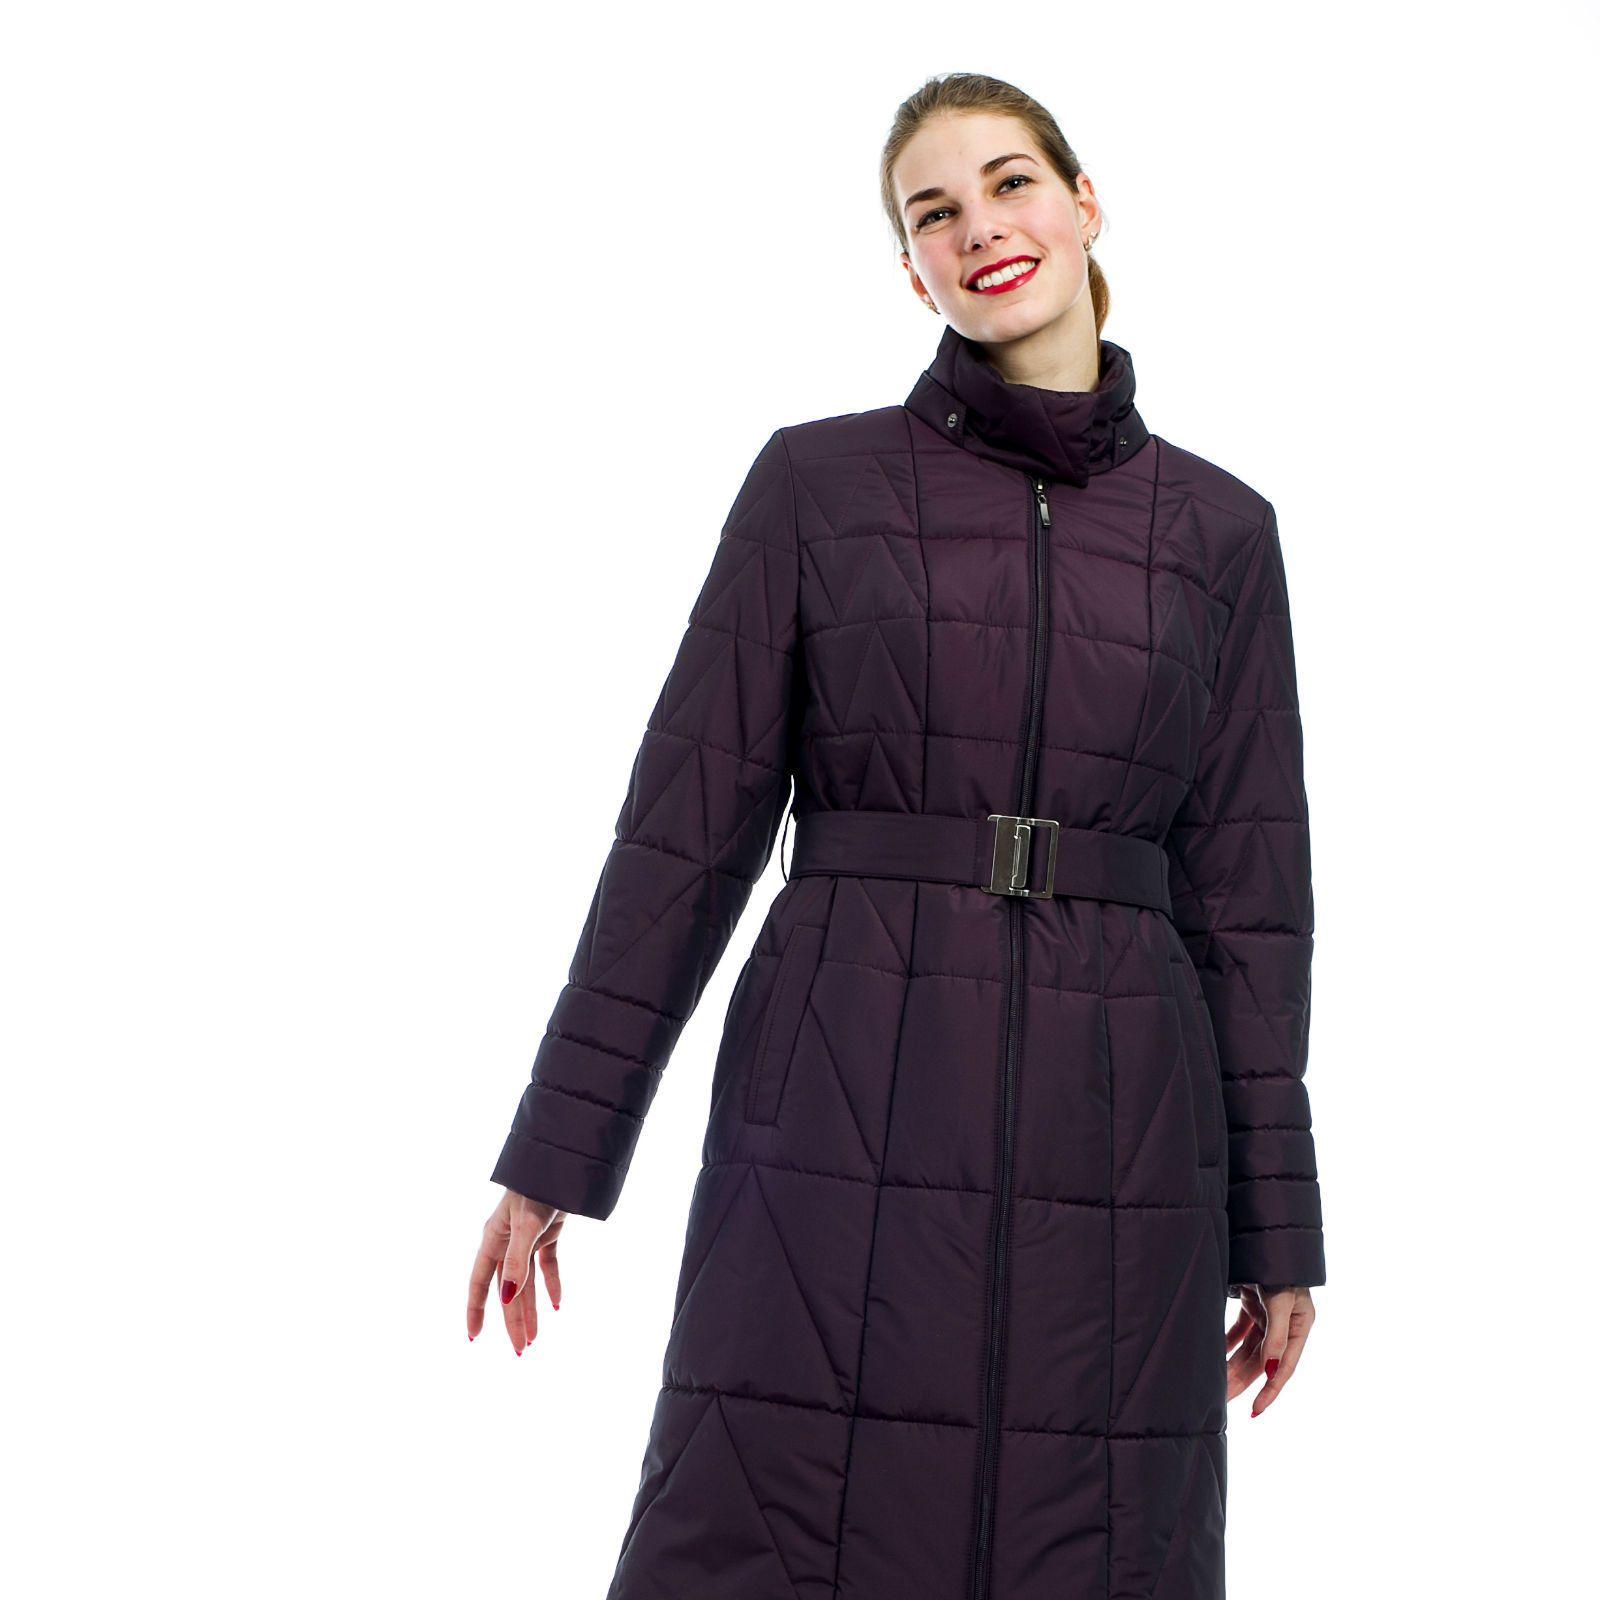 Женские плащи и пальто Urban Style в СанктПетербурге